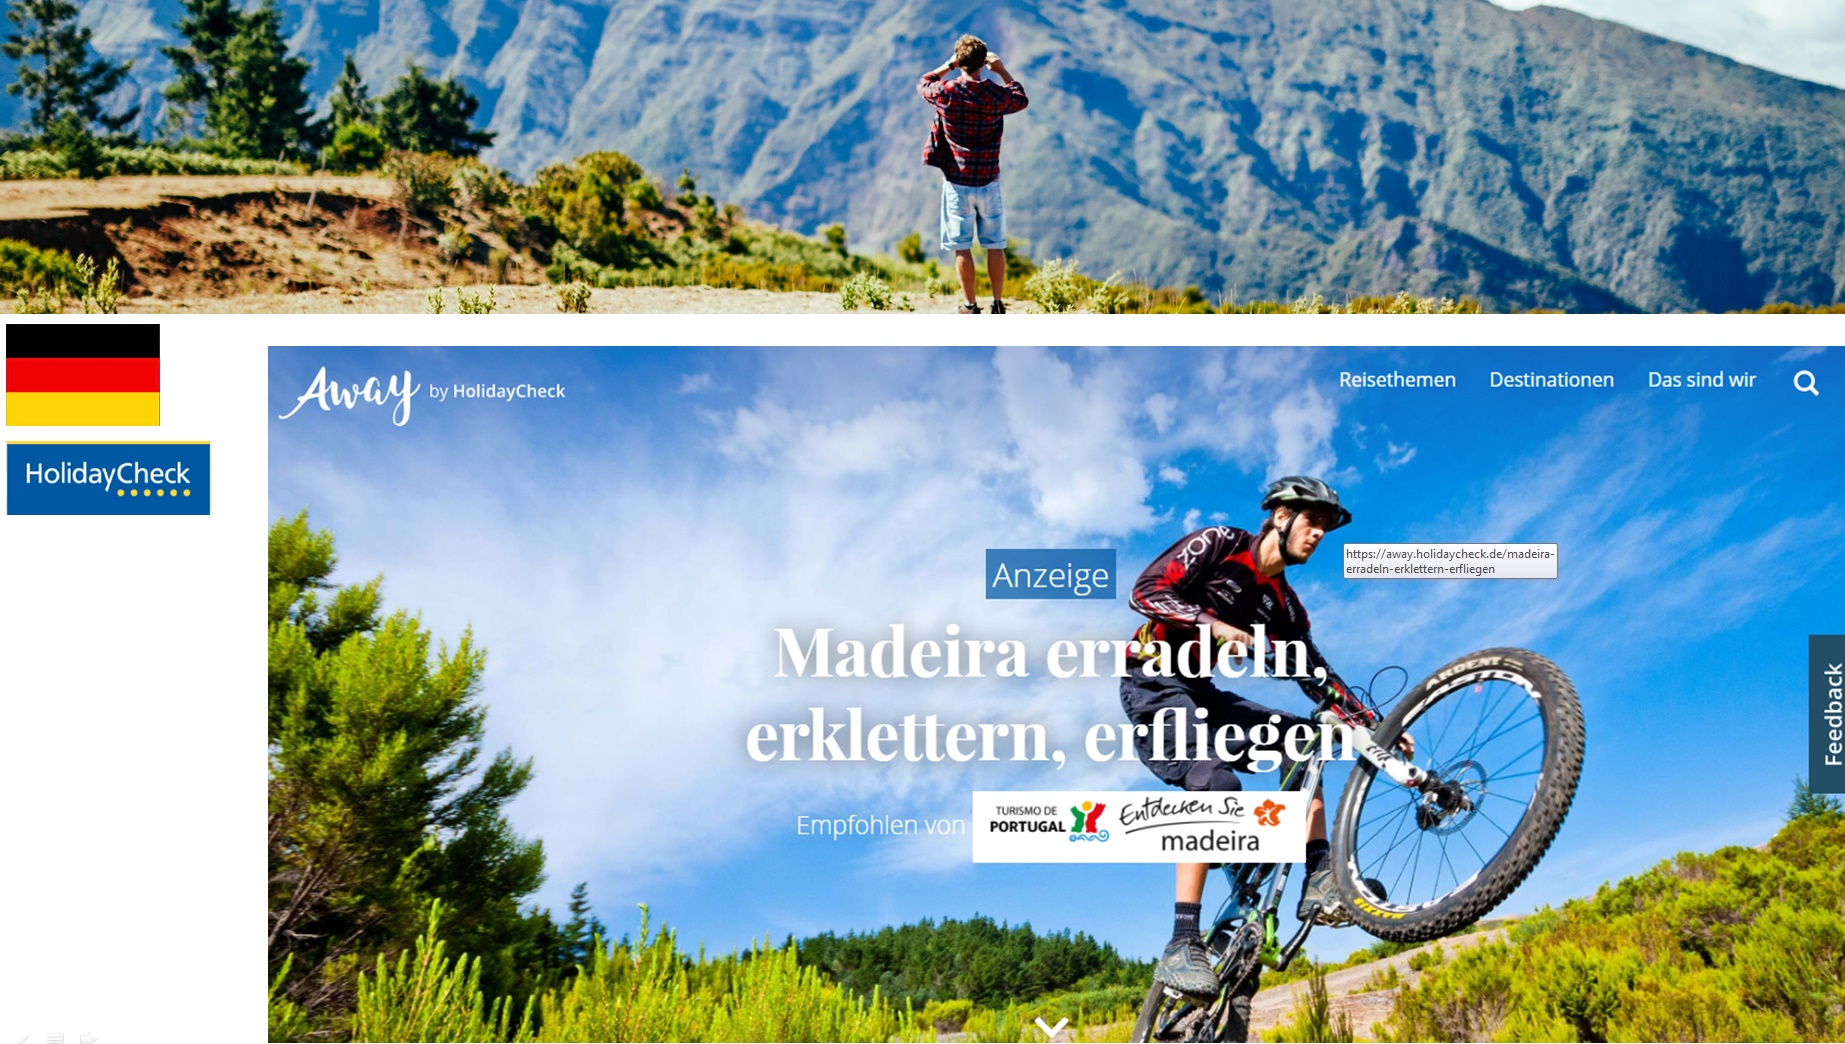 Promoção da Madeira em alta e em várias frentes